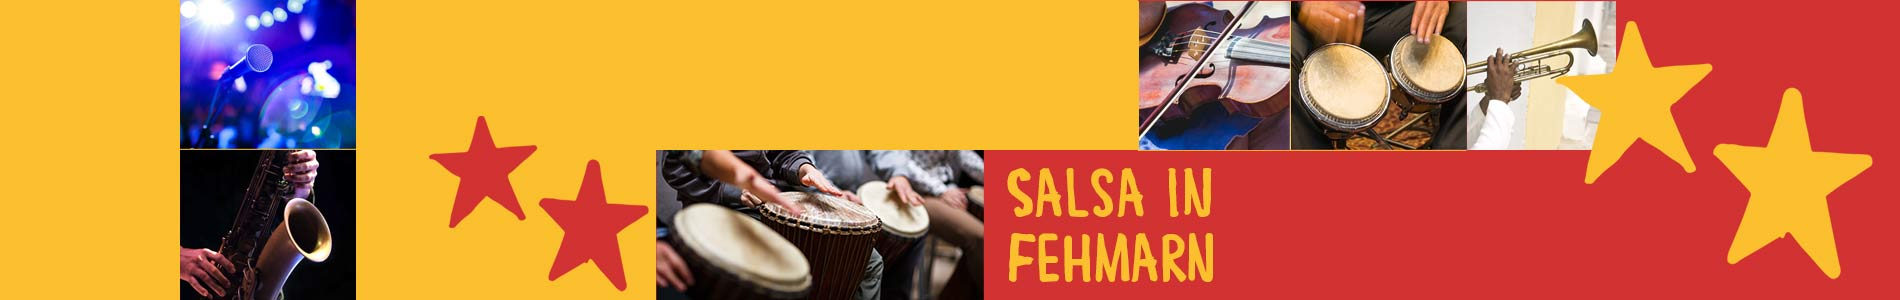 Salsa in Fehmarn – Salsa lernen und tanzen, Tanzkurse, Partys, Veranstaltungen